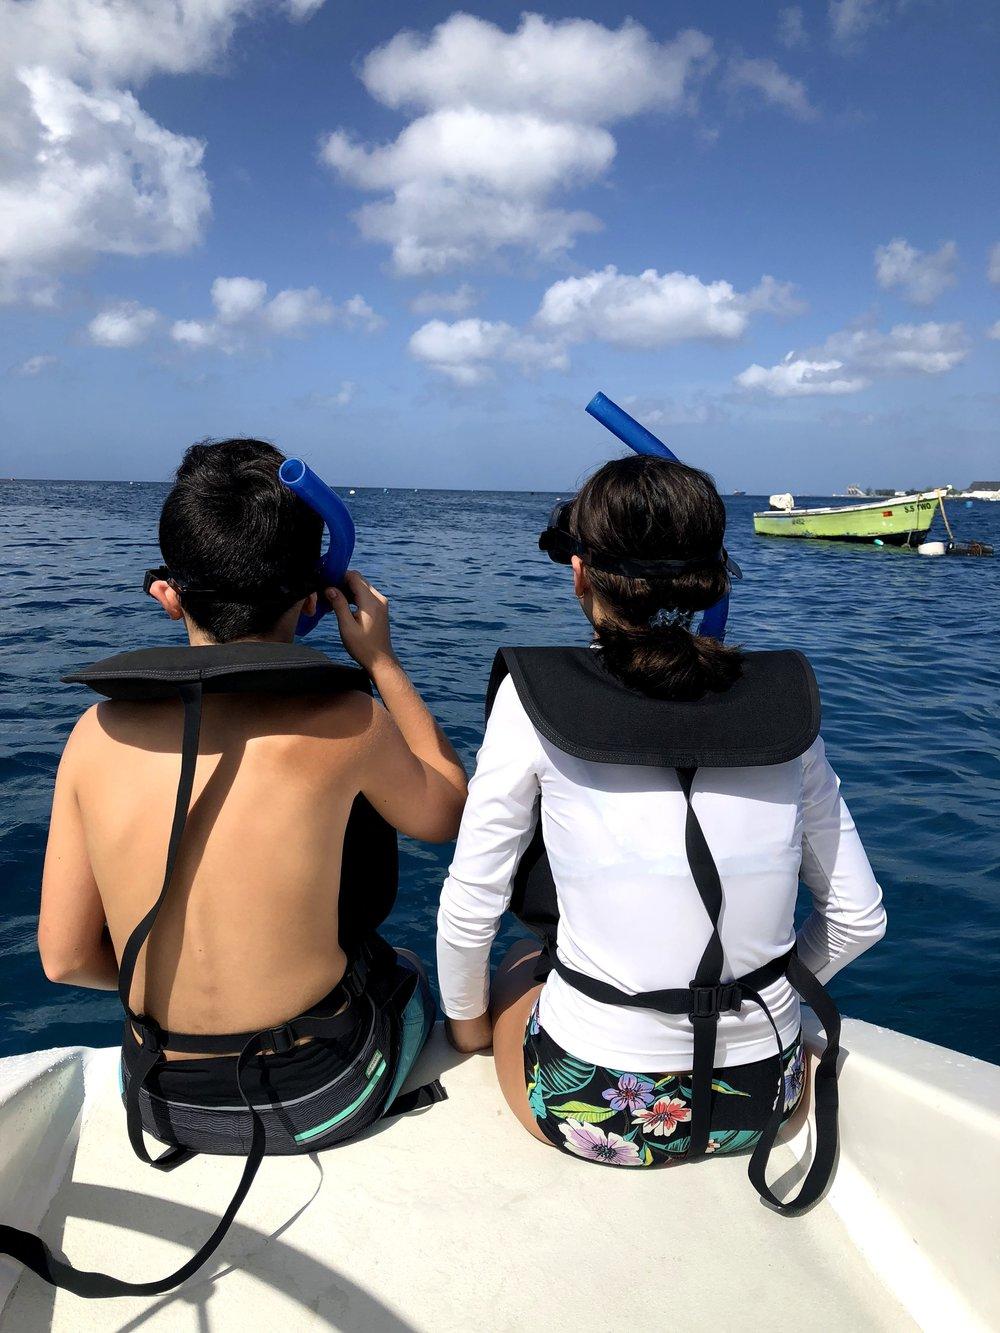 Barbade-Barbados-Bonnes adresses-Hébergement-voyage-voyager en famille-travelblog-Je suis une maman